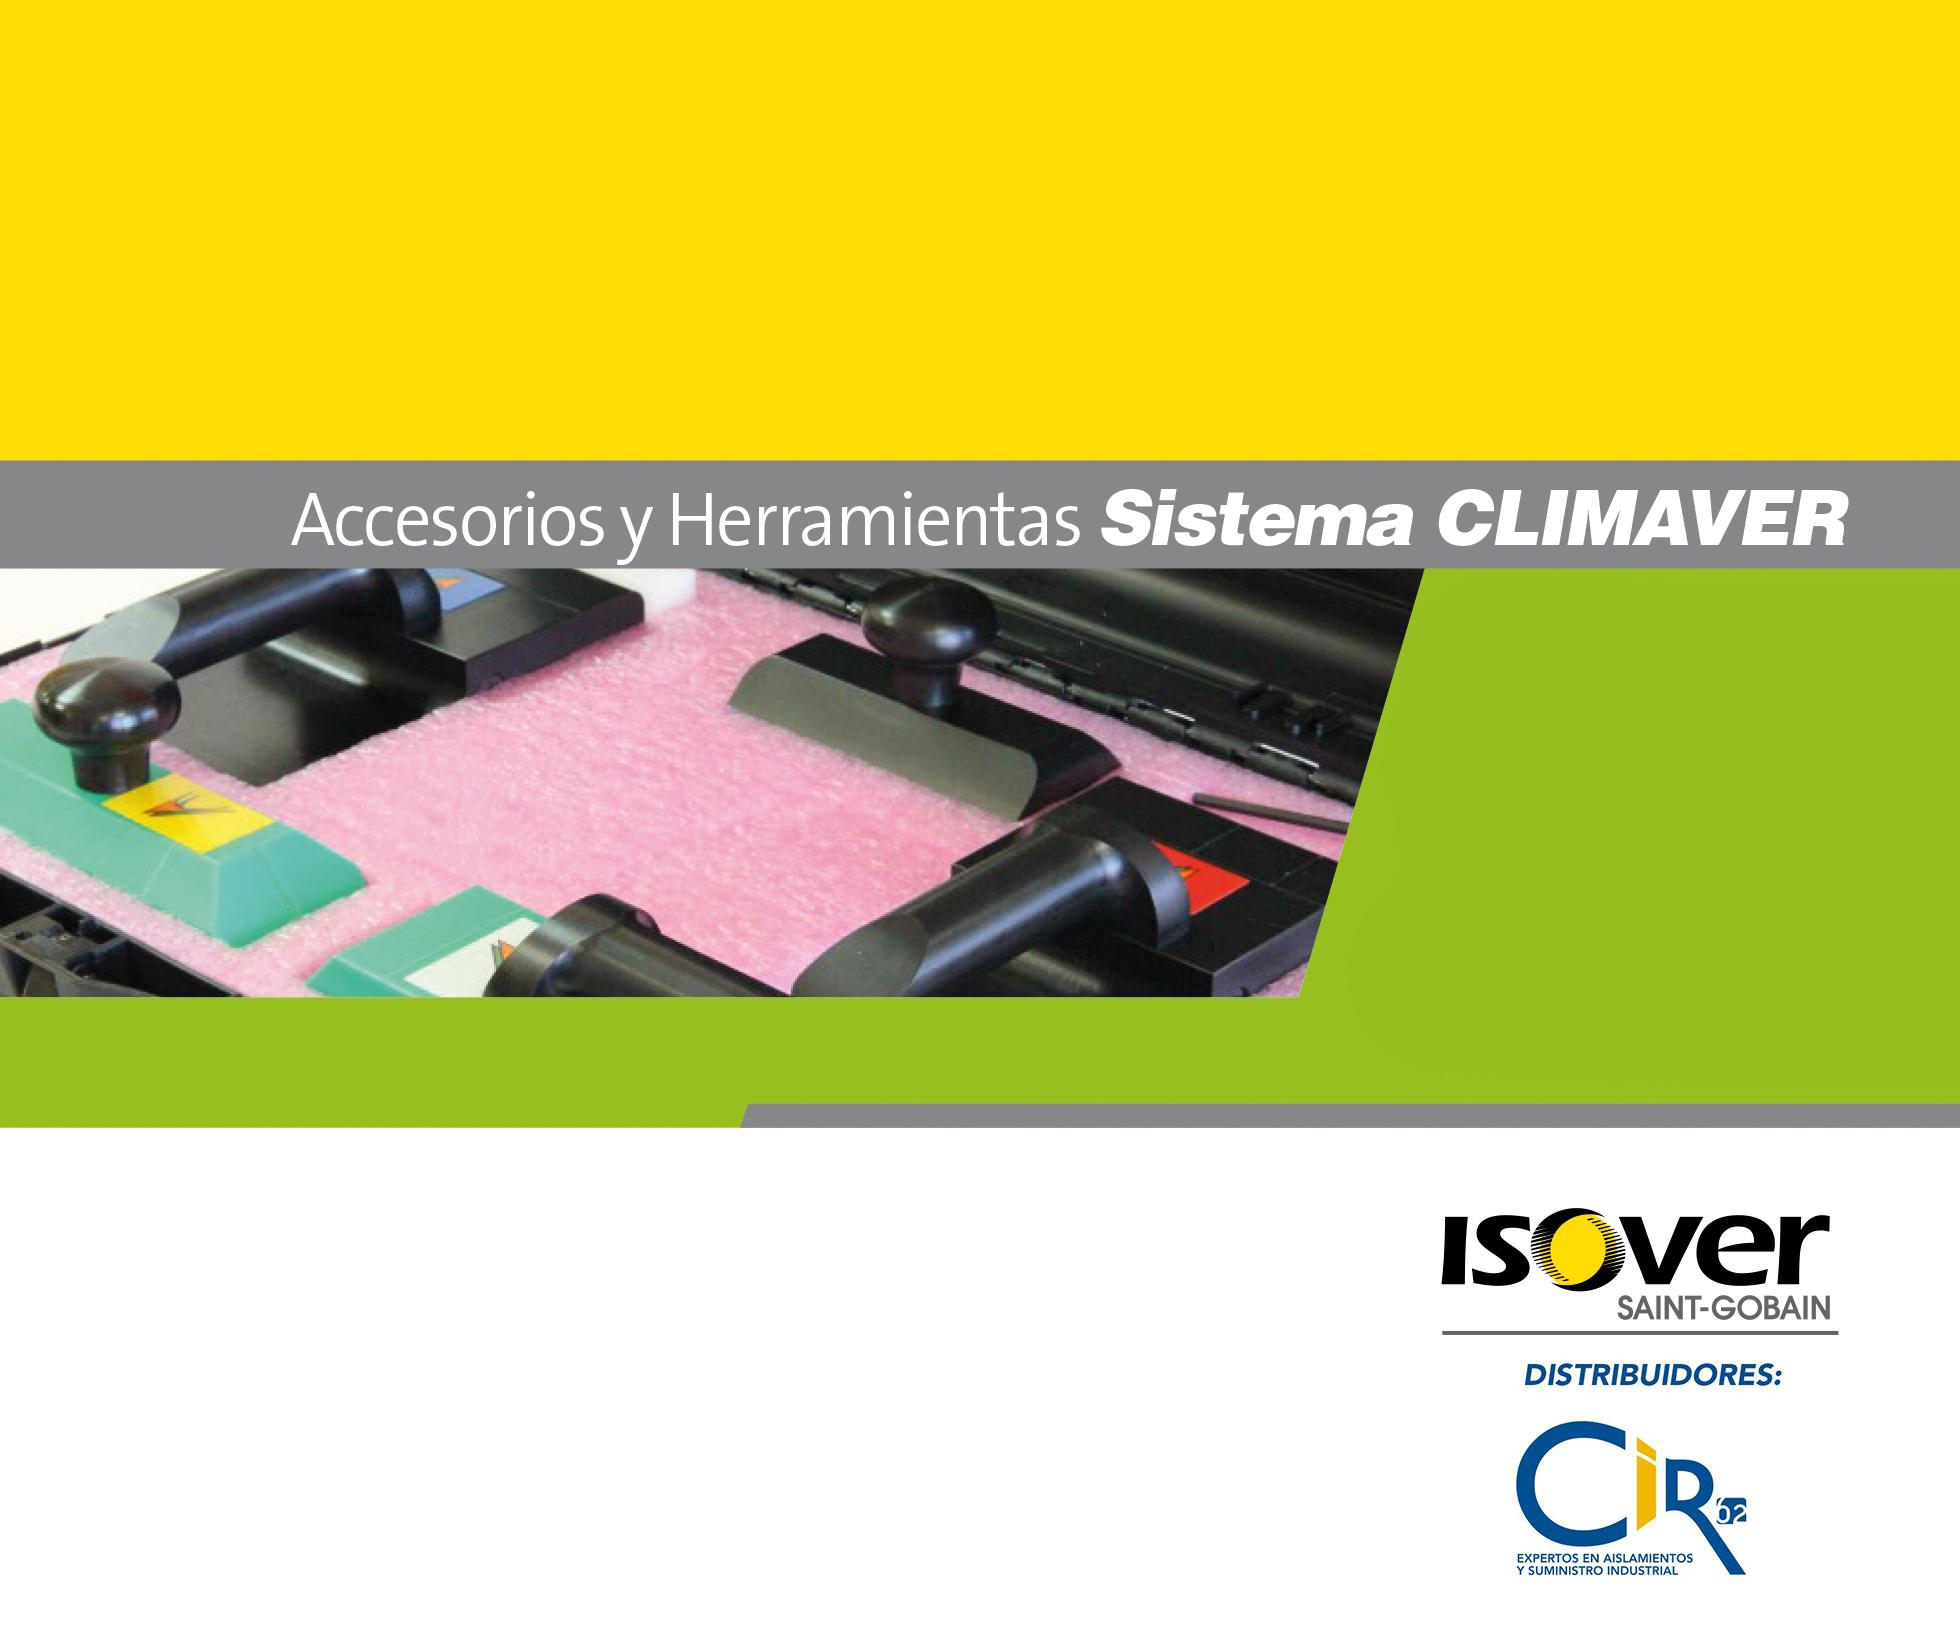 Accesorios-Herramientas-Sistema-CLIMAVER